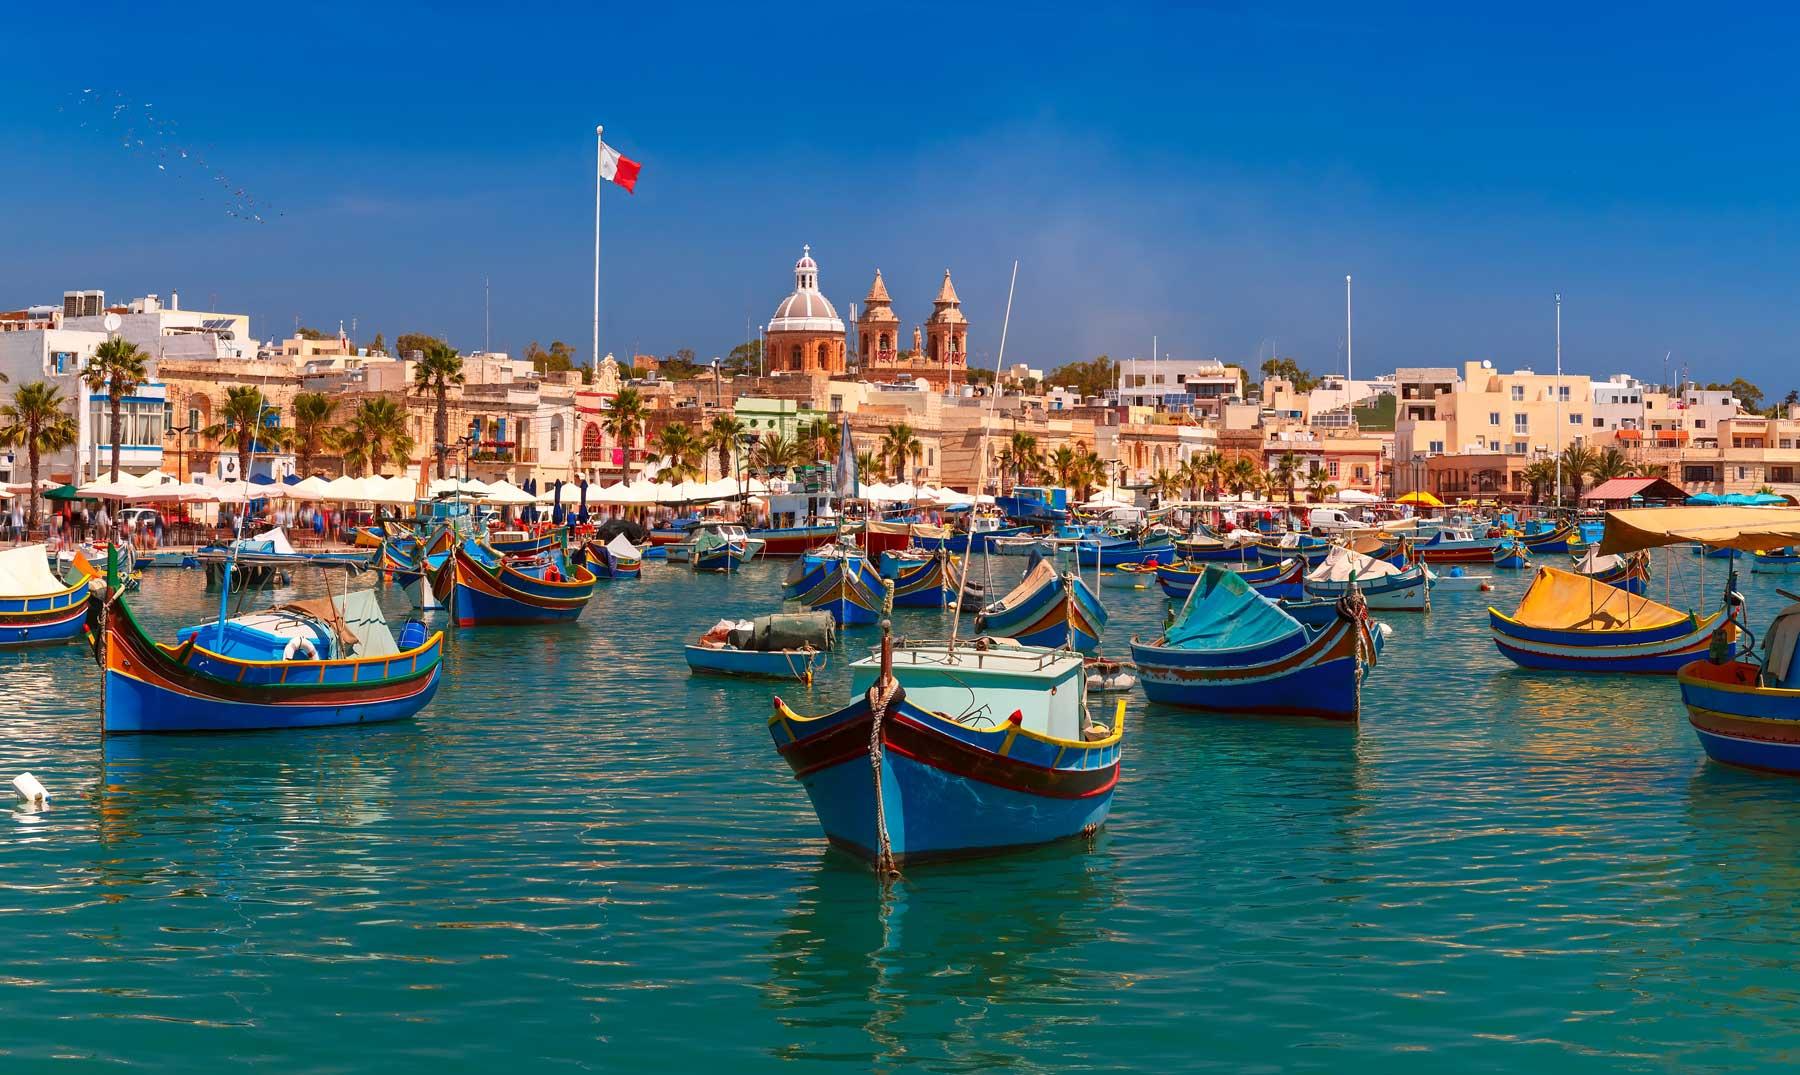 La Valeta, Malta.